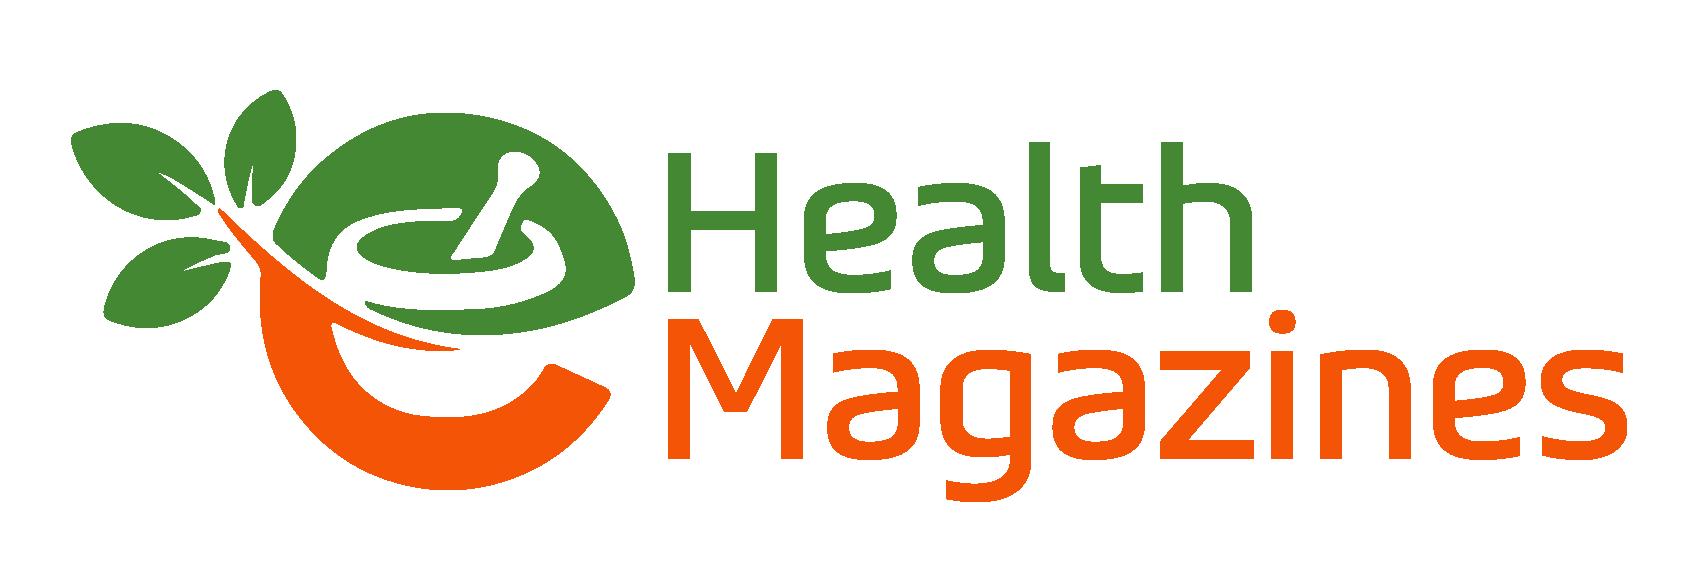 e-HelathMagazine